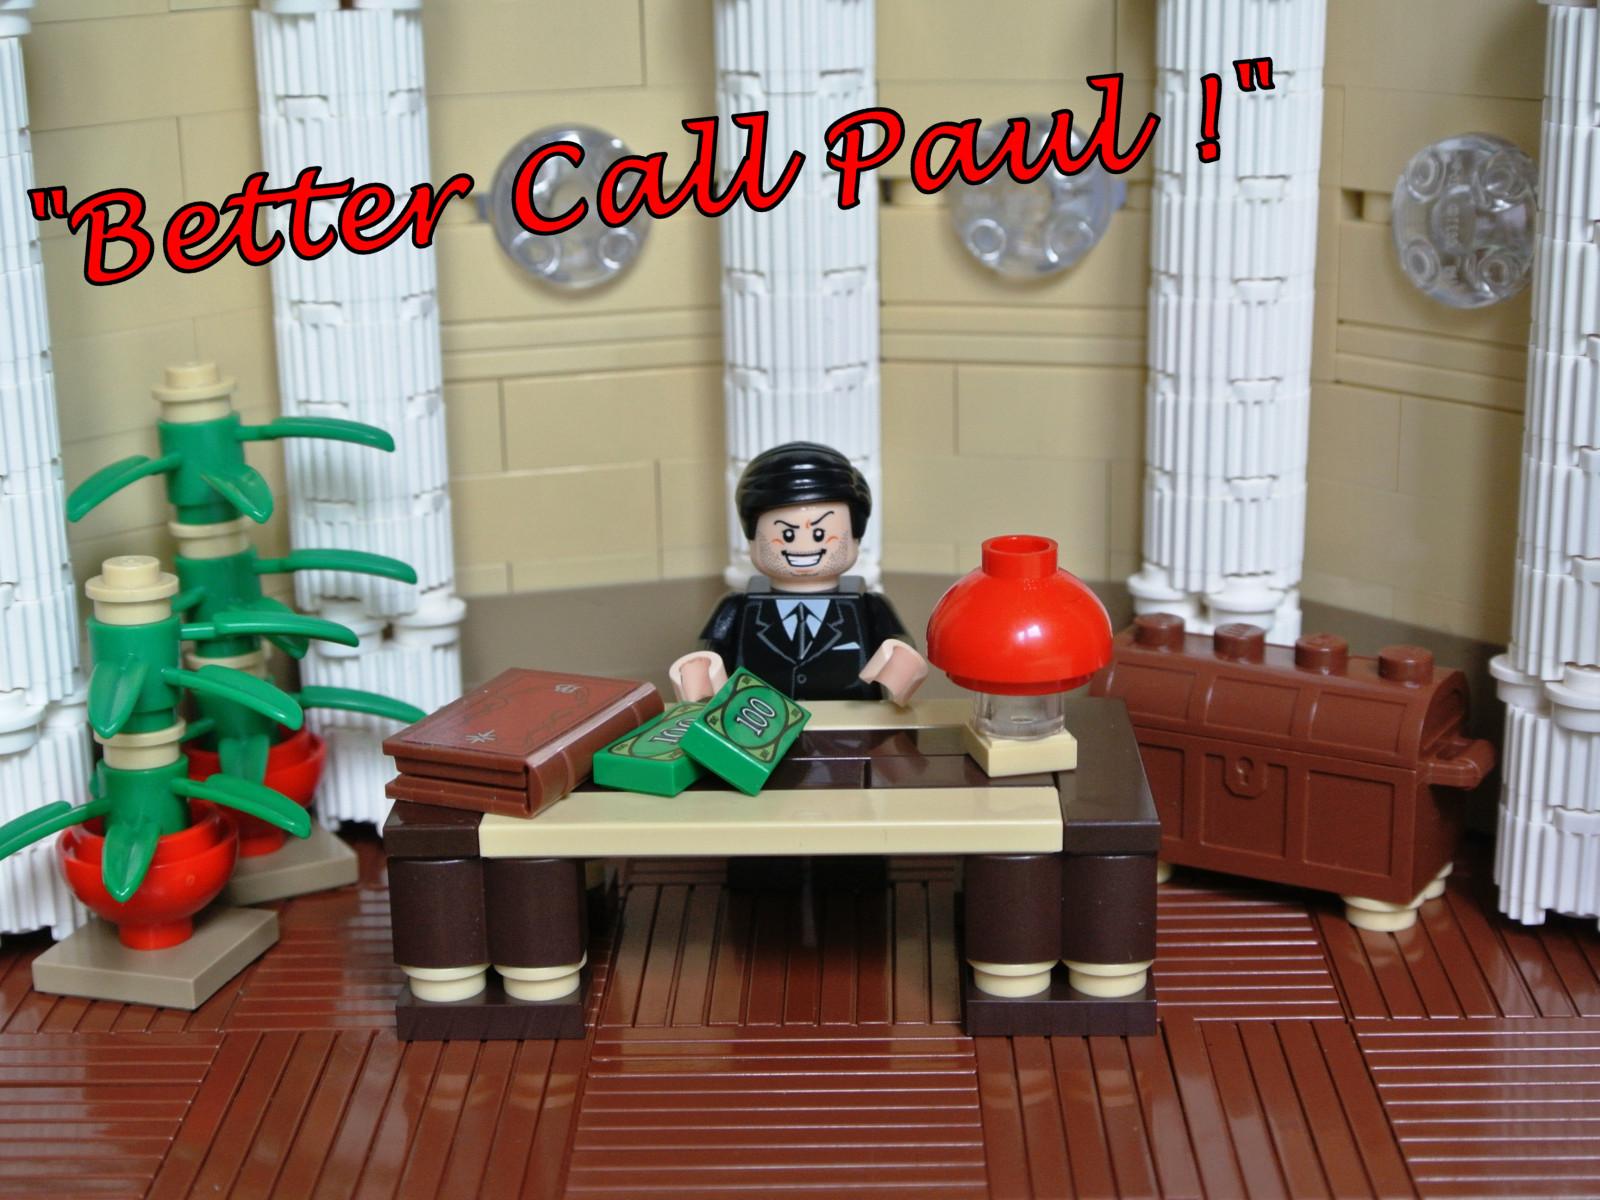 Sfondi Ufficio Ferro Lego Cattivo Saul Avvocato Costruttore